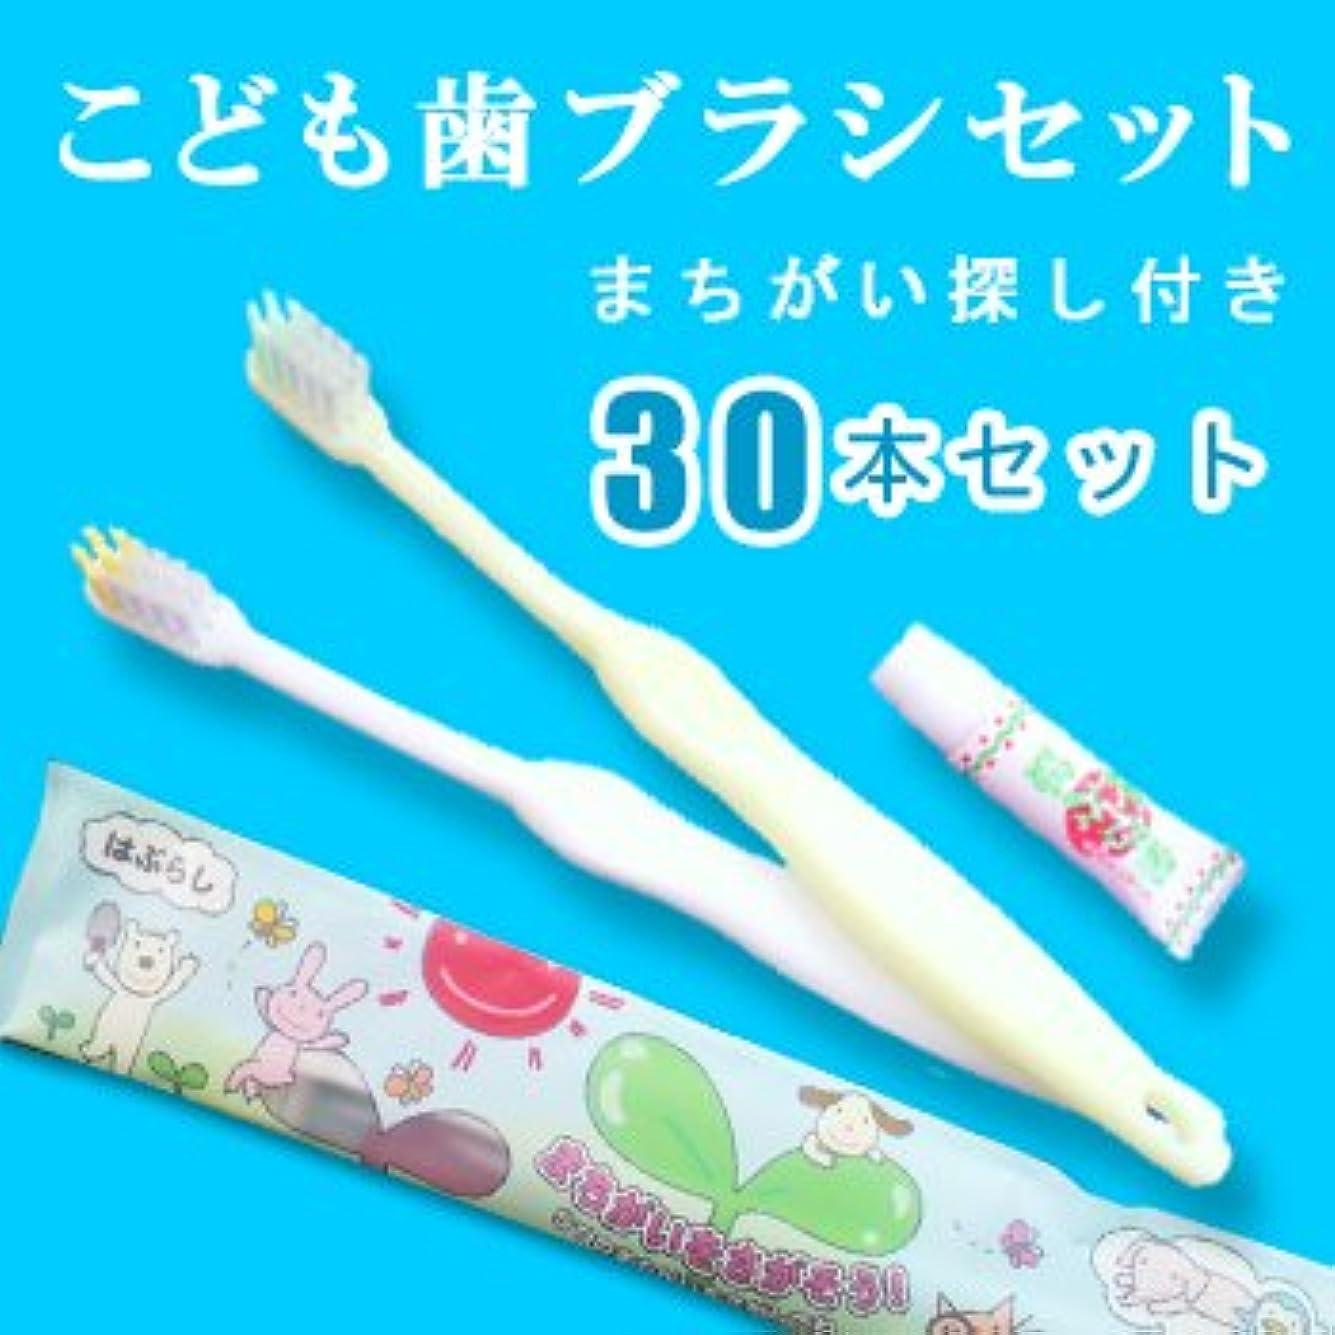 公式ボーナスわかりやすいこども歯ブラシ いちご味の歯磨き粉3gチューブ付 ホワイト?イエロー各15本アソート(1セット30本)